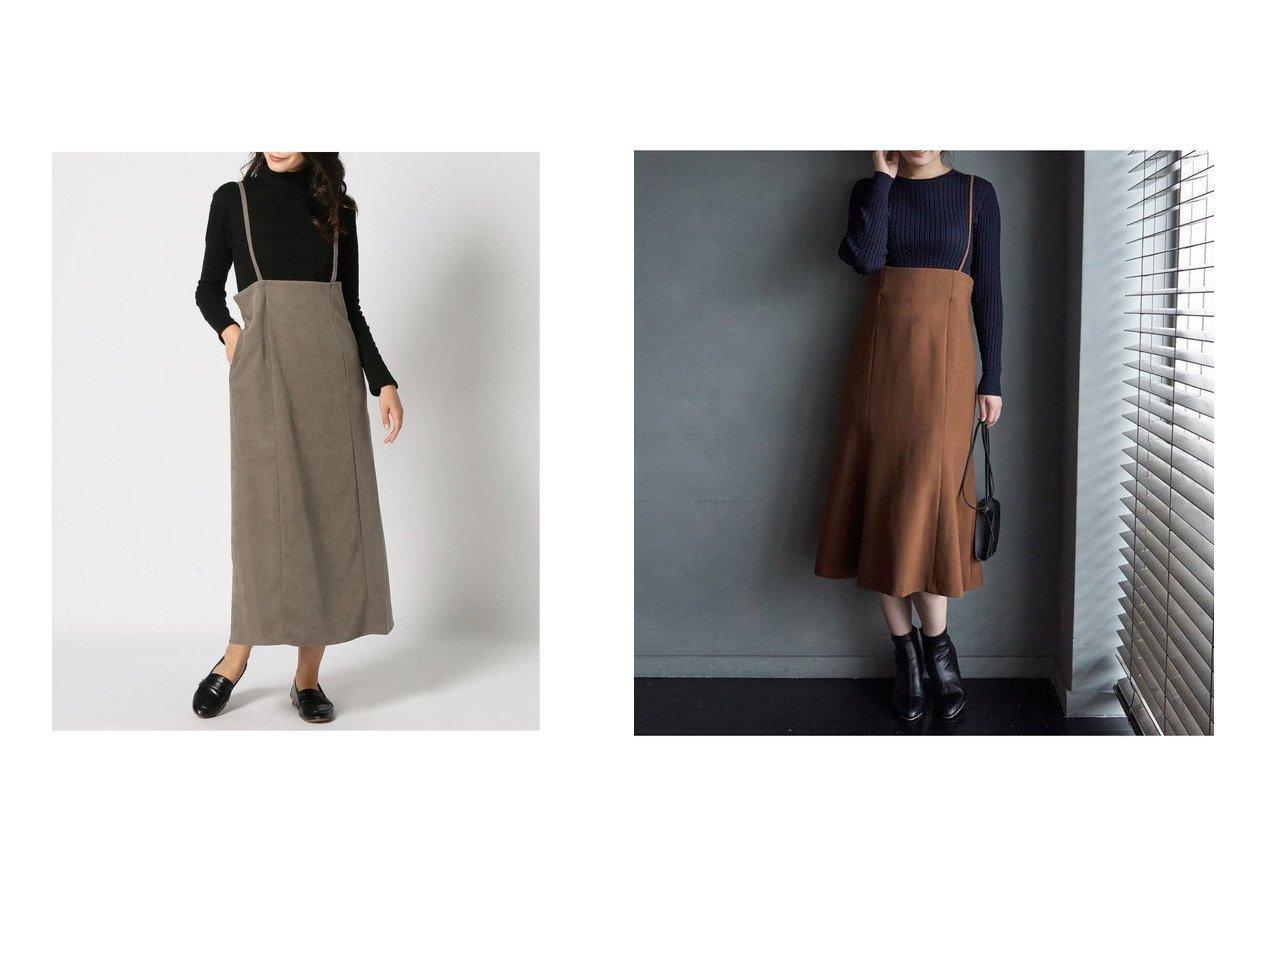 【Rope Picnic/ロペピクニック】のストラップマーメイドスカート&【GLOBAL WORK/グローバルワーク】のサスツキセミフレアスカート スカートのおすすめ!人気、レディースファッションの通販 おすすめで人気のファッション通販商品 インテリア・家具・キッズファッション・メンズファッション・レディースファッション・服の通販 founy(ファニー) https://founy.com/ ファッション Fashion レディース WOMEN スカート Skirt Aライン/フレアスカート Flared A-Line Skirts ウォーム サスペンダー ショート タートル バランス フレア ミドル リブニット クラシカル ポケット マーメイド ラップ 秋  ID:crp329100000001543